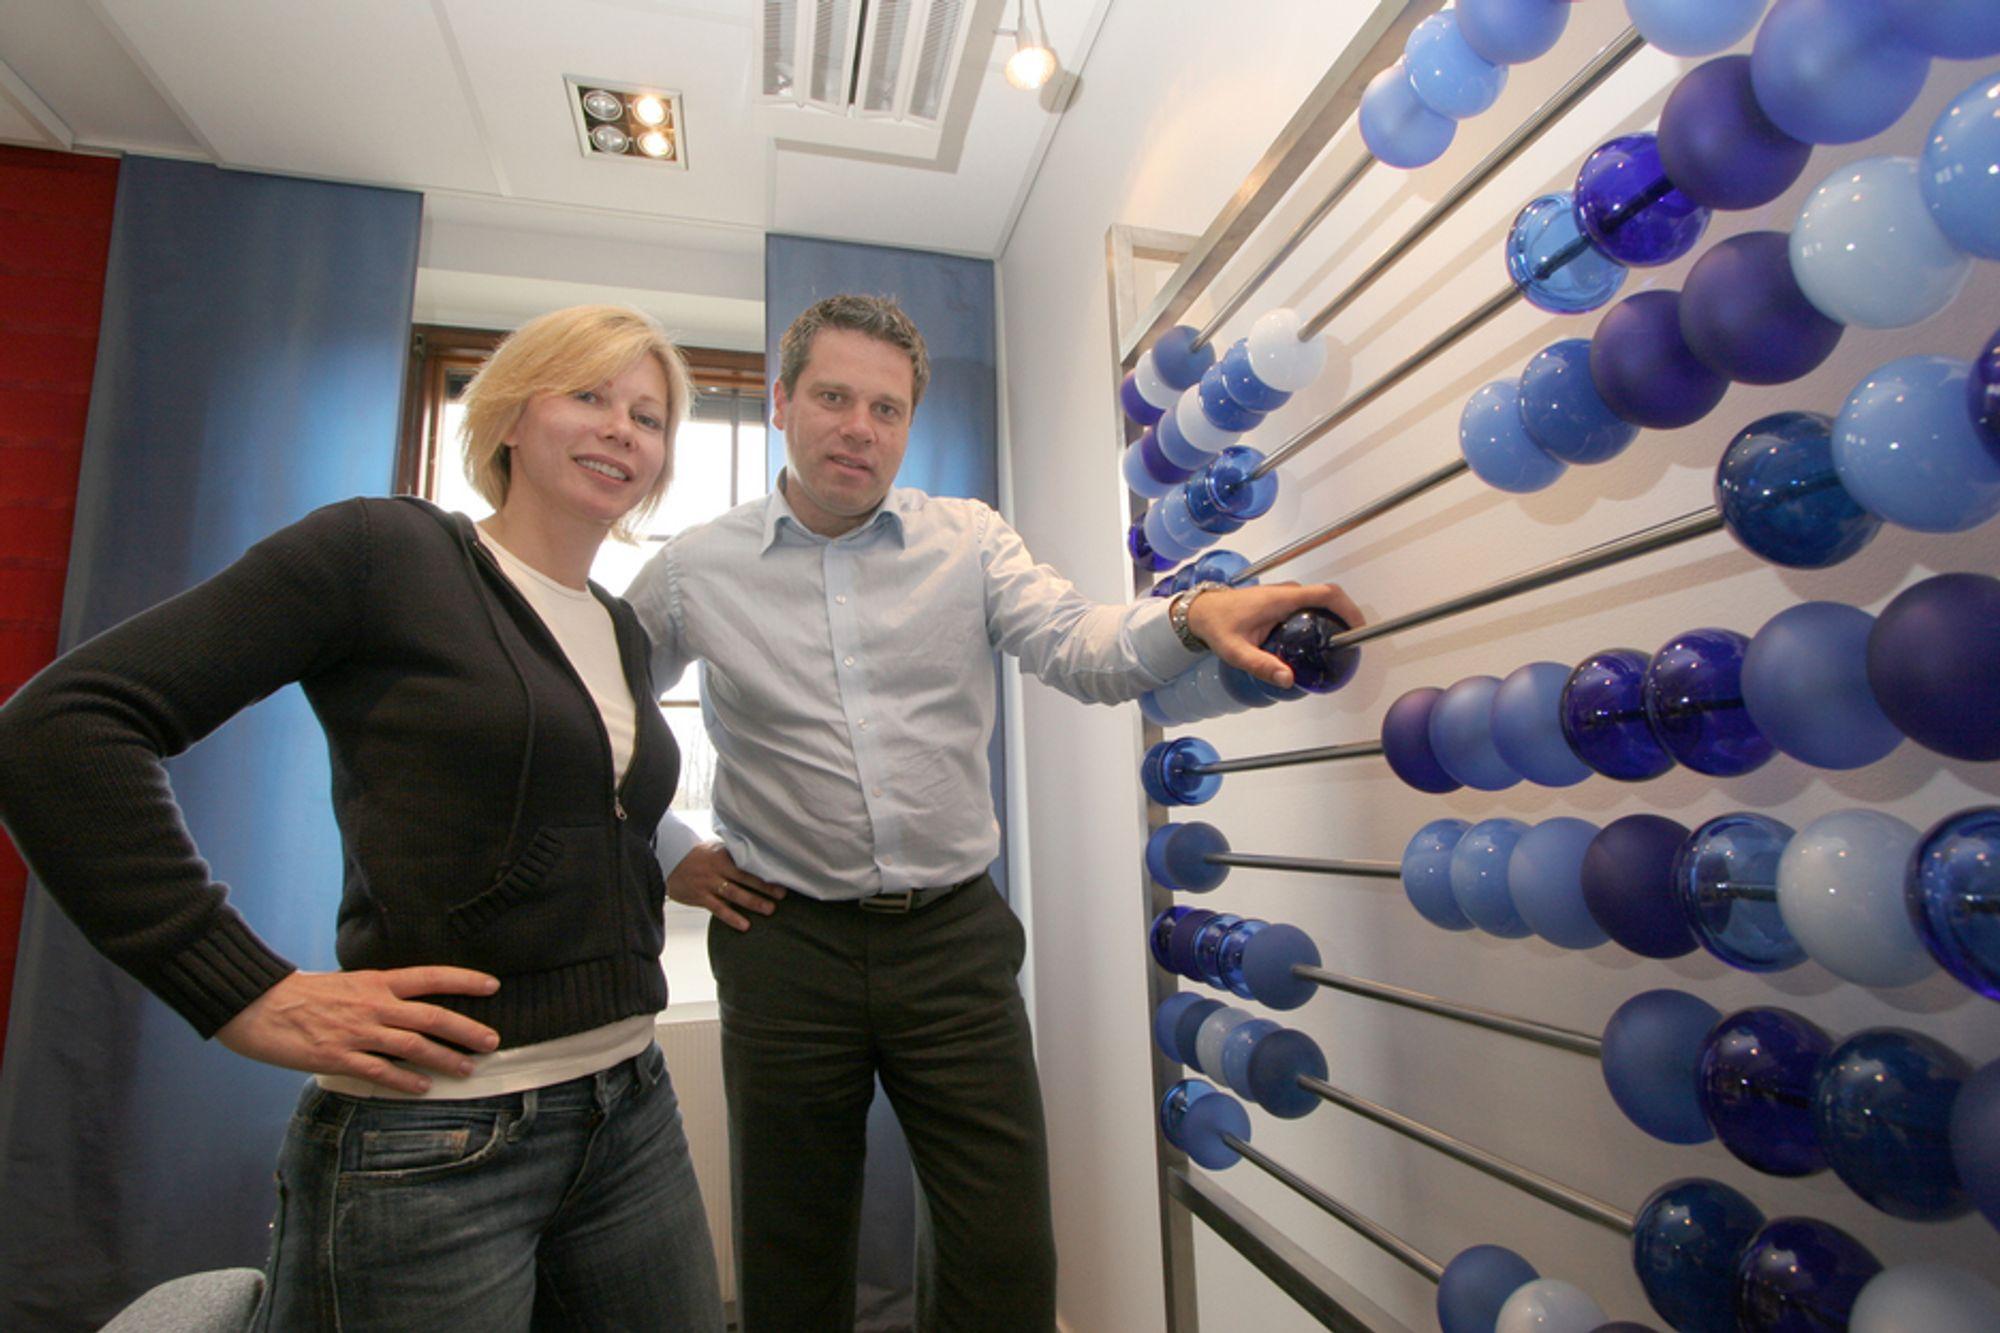 LØNNSOM REGNING: Før Gunilla Resare og Odd Inge Hellesylt i SAS Institute går i dialog med statlige fortetak har de pønsket ut hvilke konkrete løsninger de kan tilby, samt hvordan de over tid skal få virksomheten på kroken. En selektiv og langsiktig tankegang har gitt gode resultater for det amerikanske IT-selskapet i Norge.